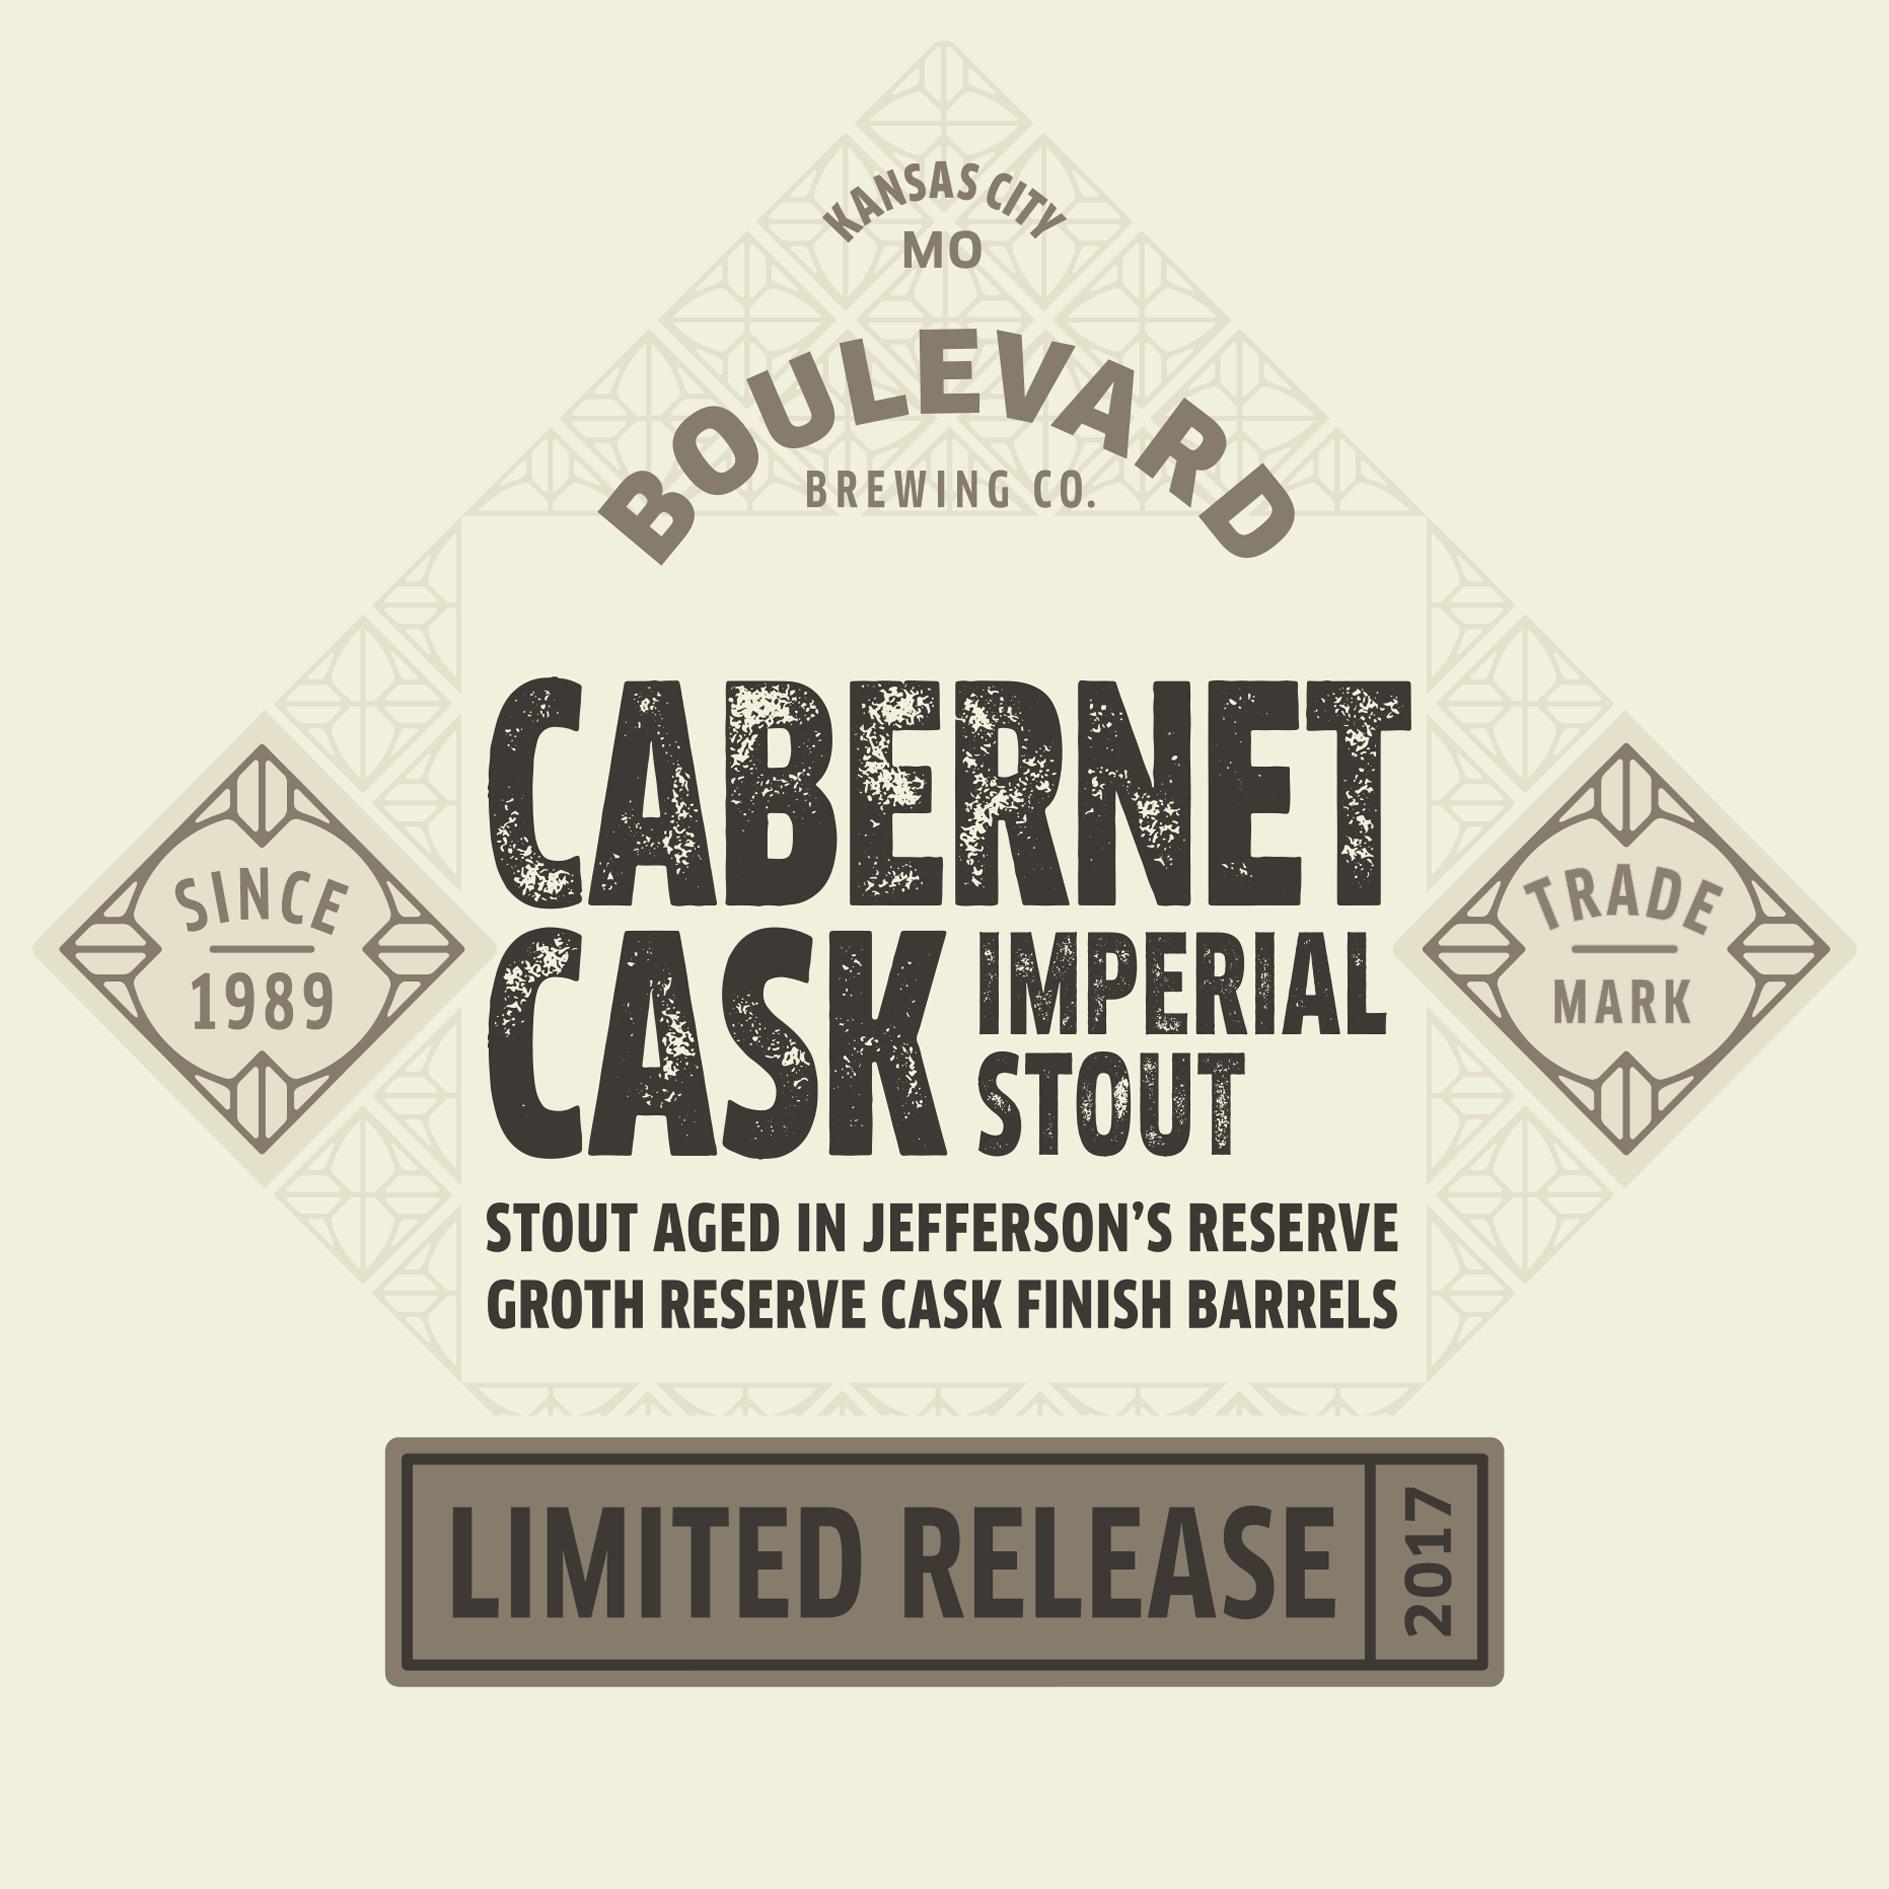 Cabernet Cask Imperial Stout